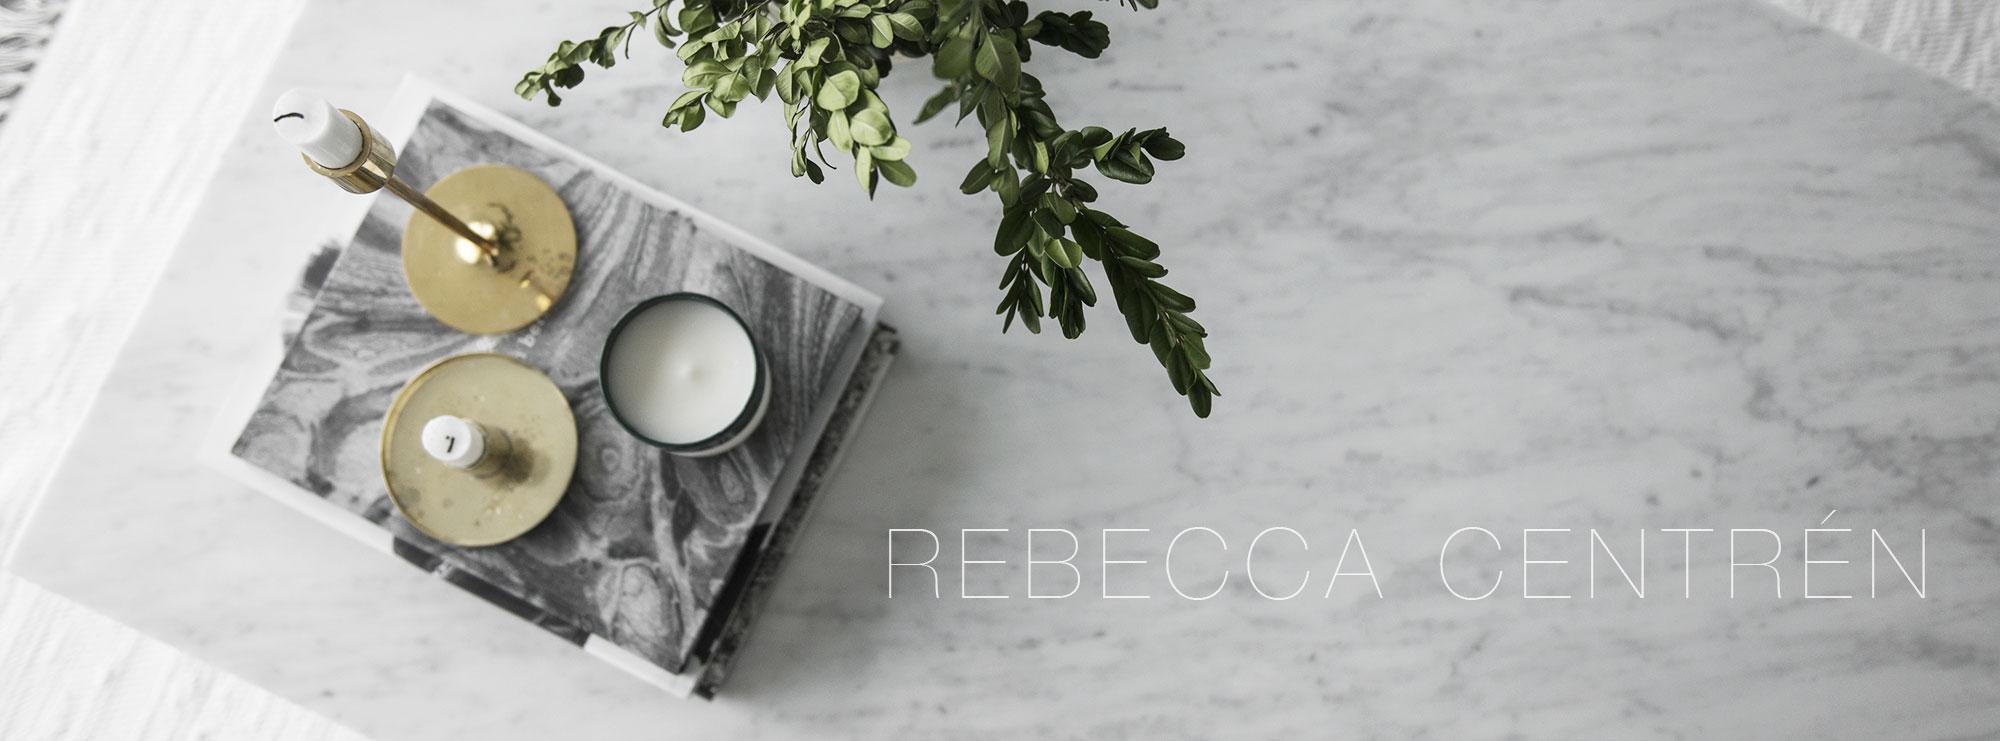 Rebecca Centrén - Inredning, mode och livsstil